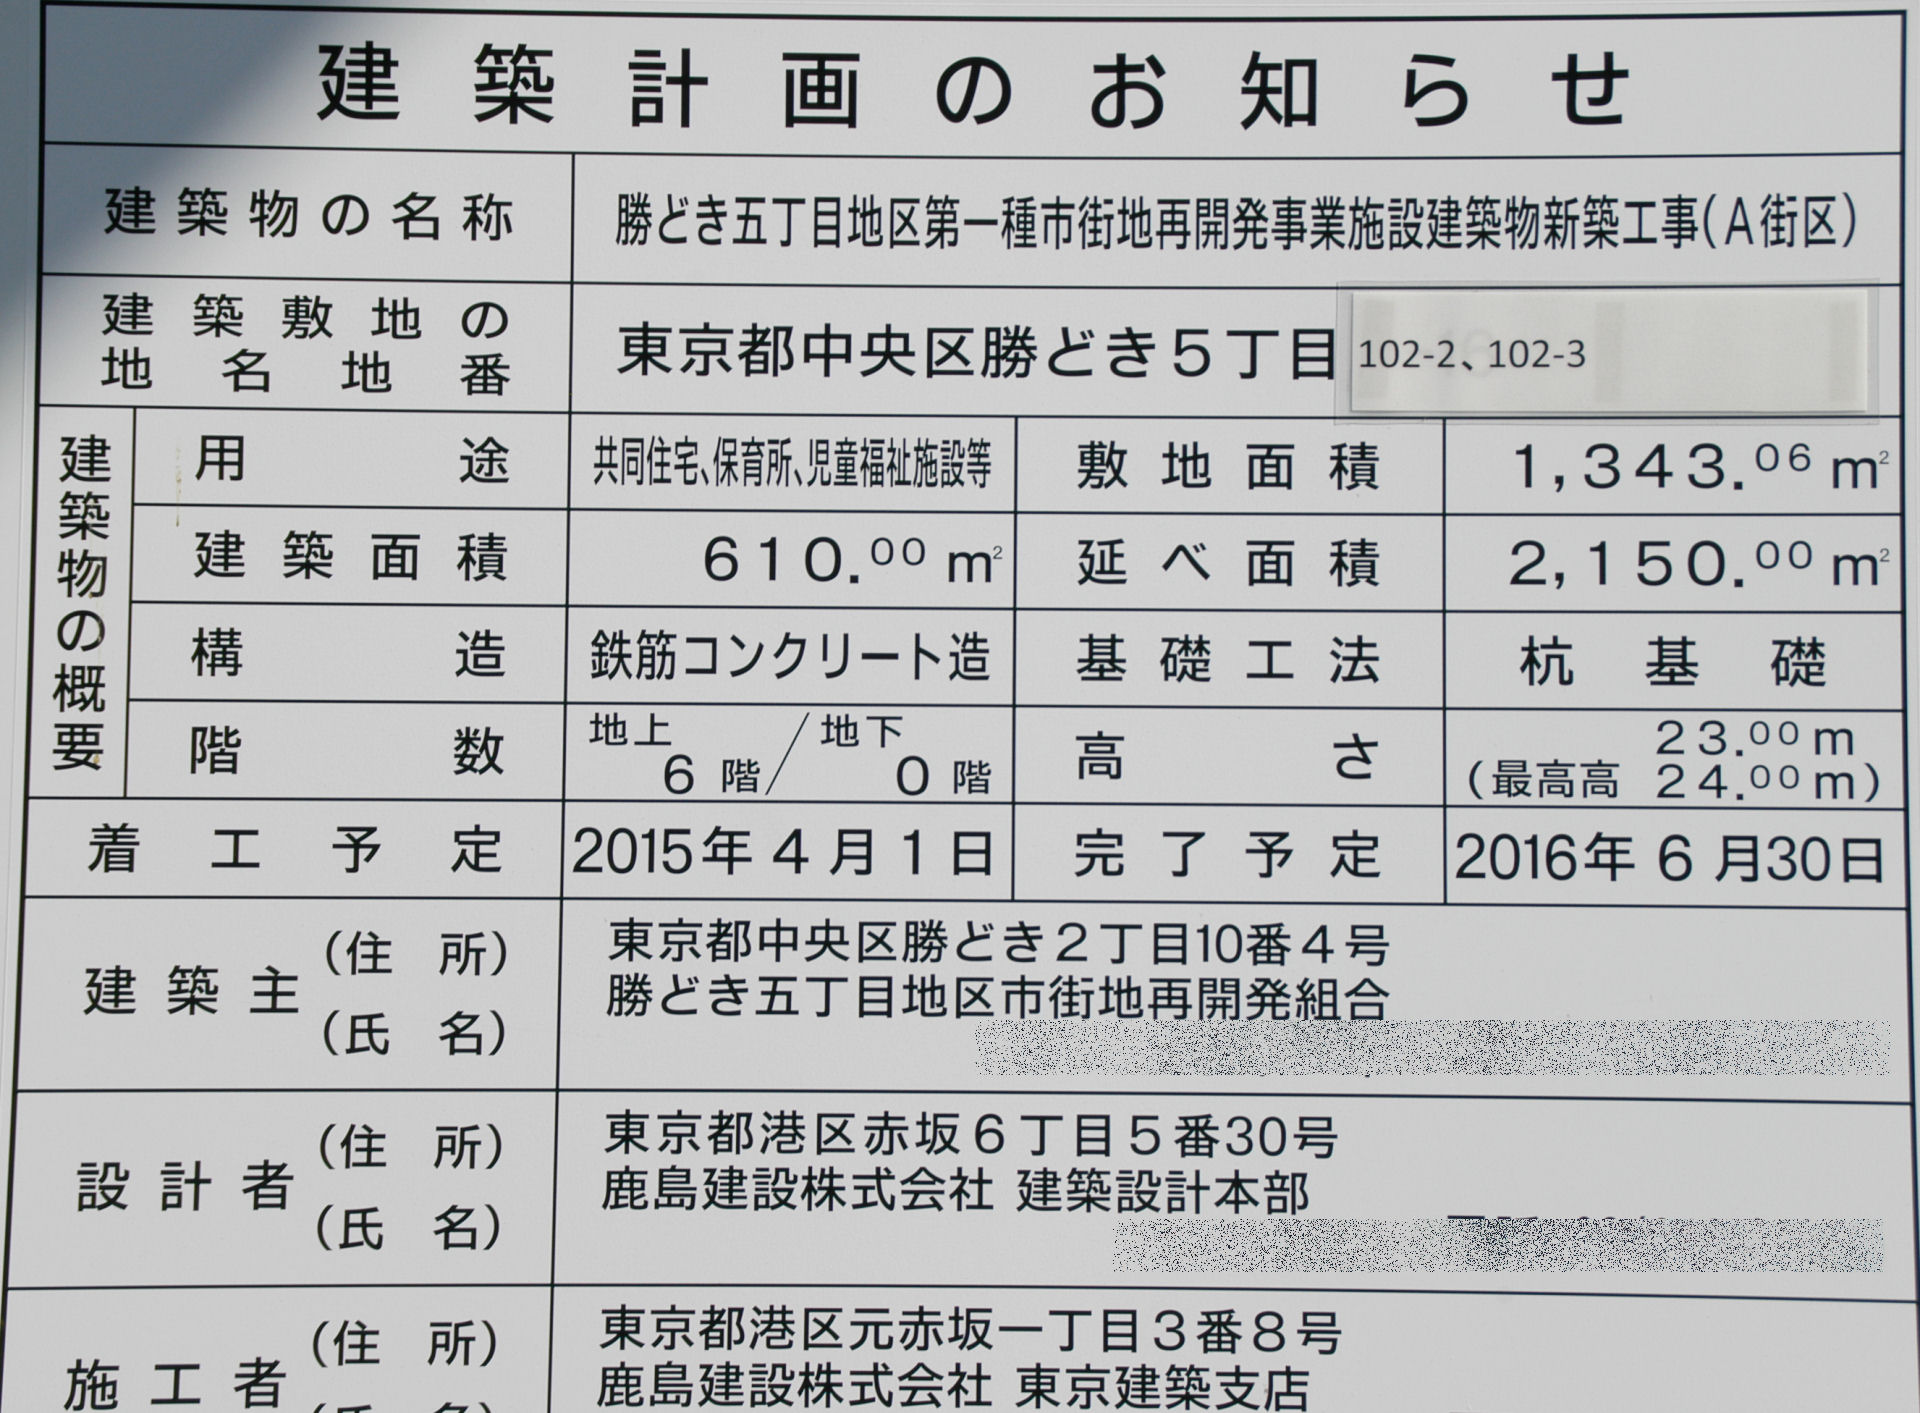 kachidoki13020054.jpg